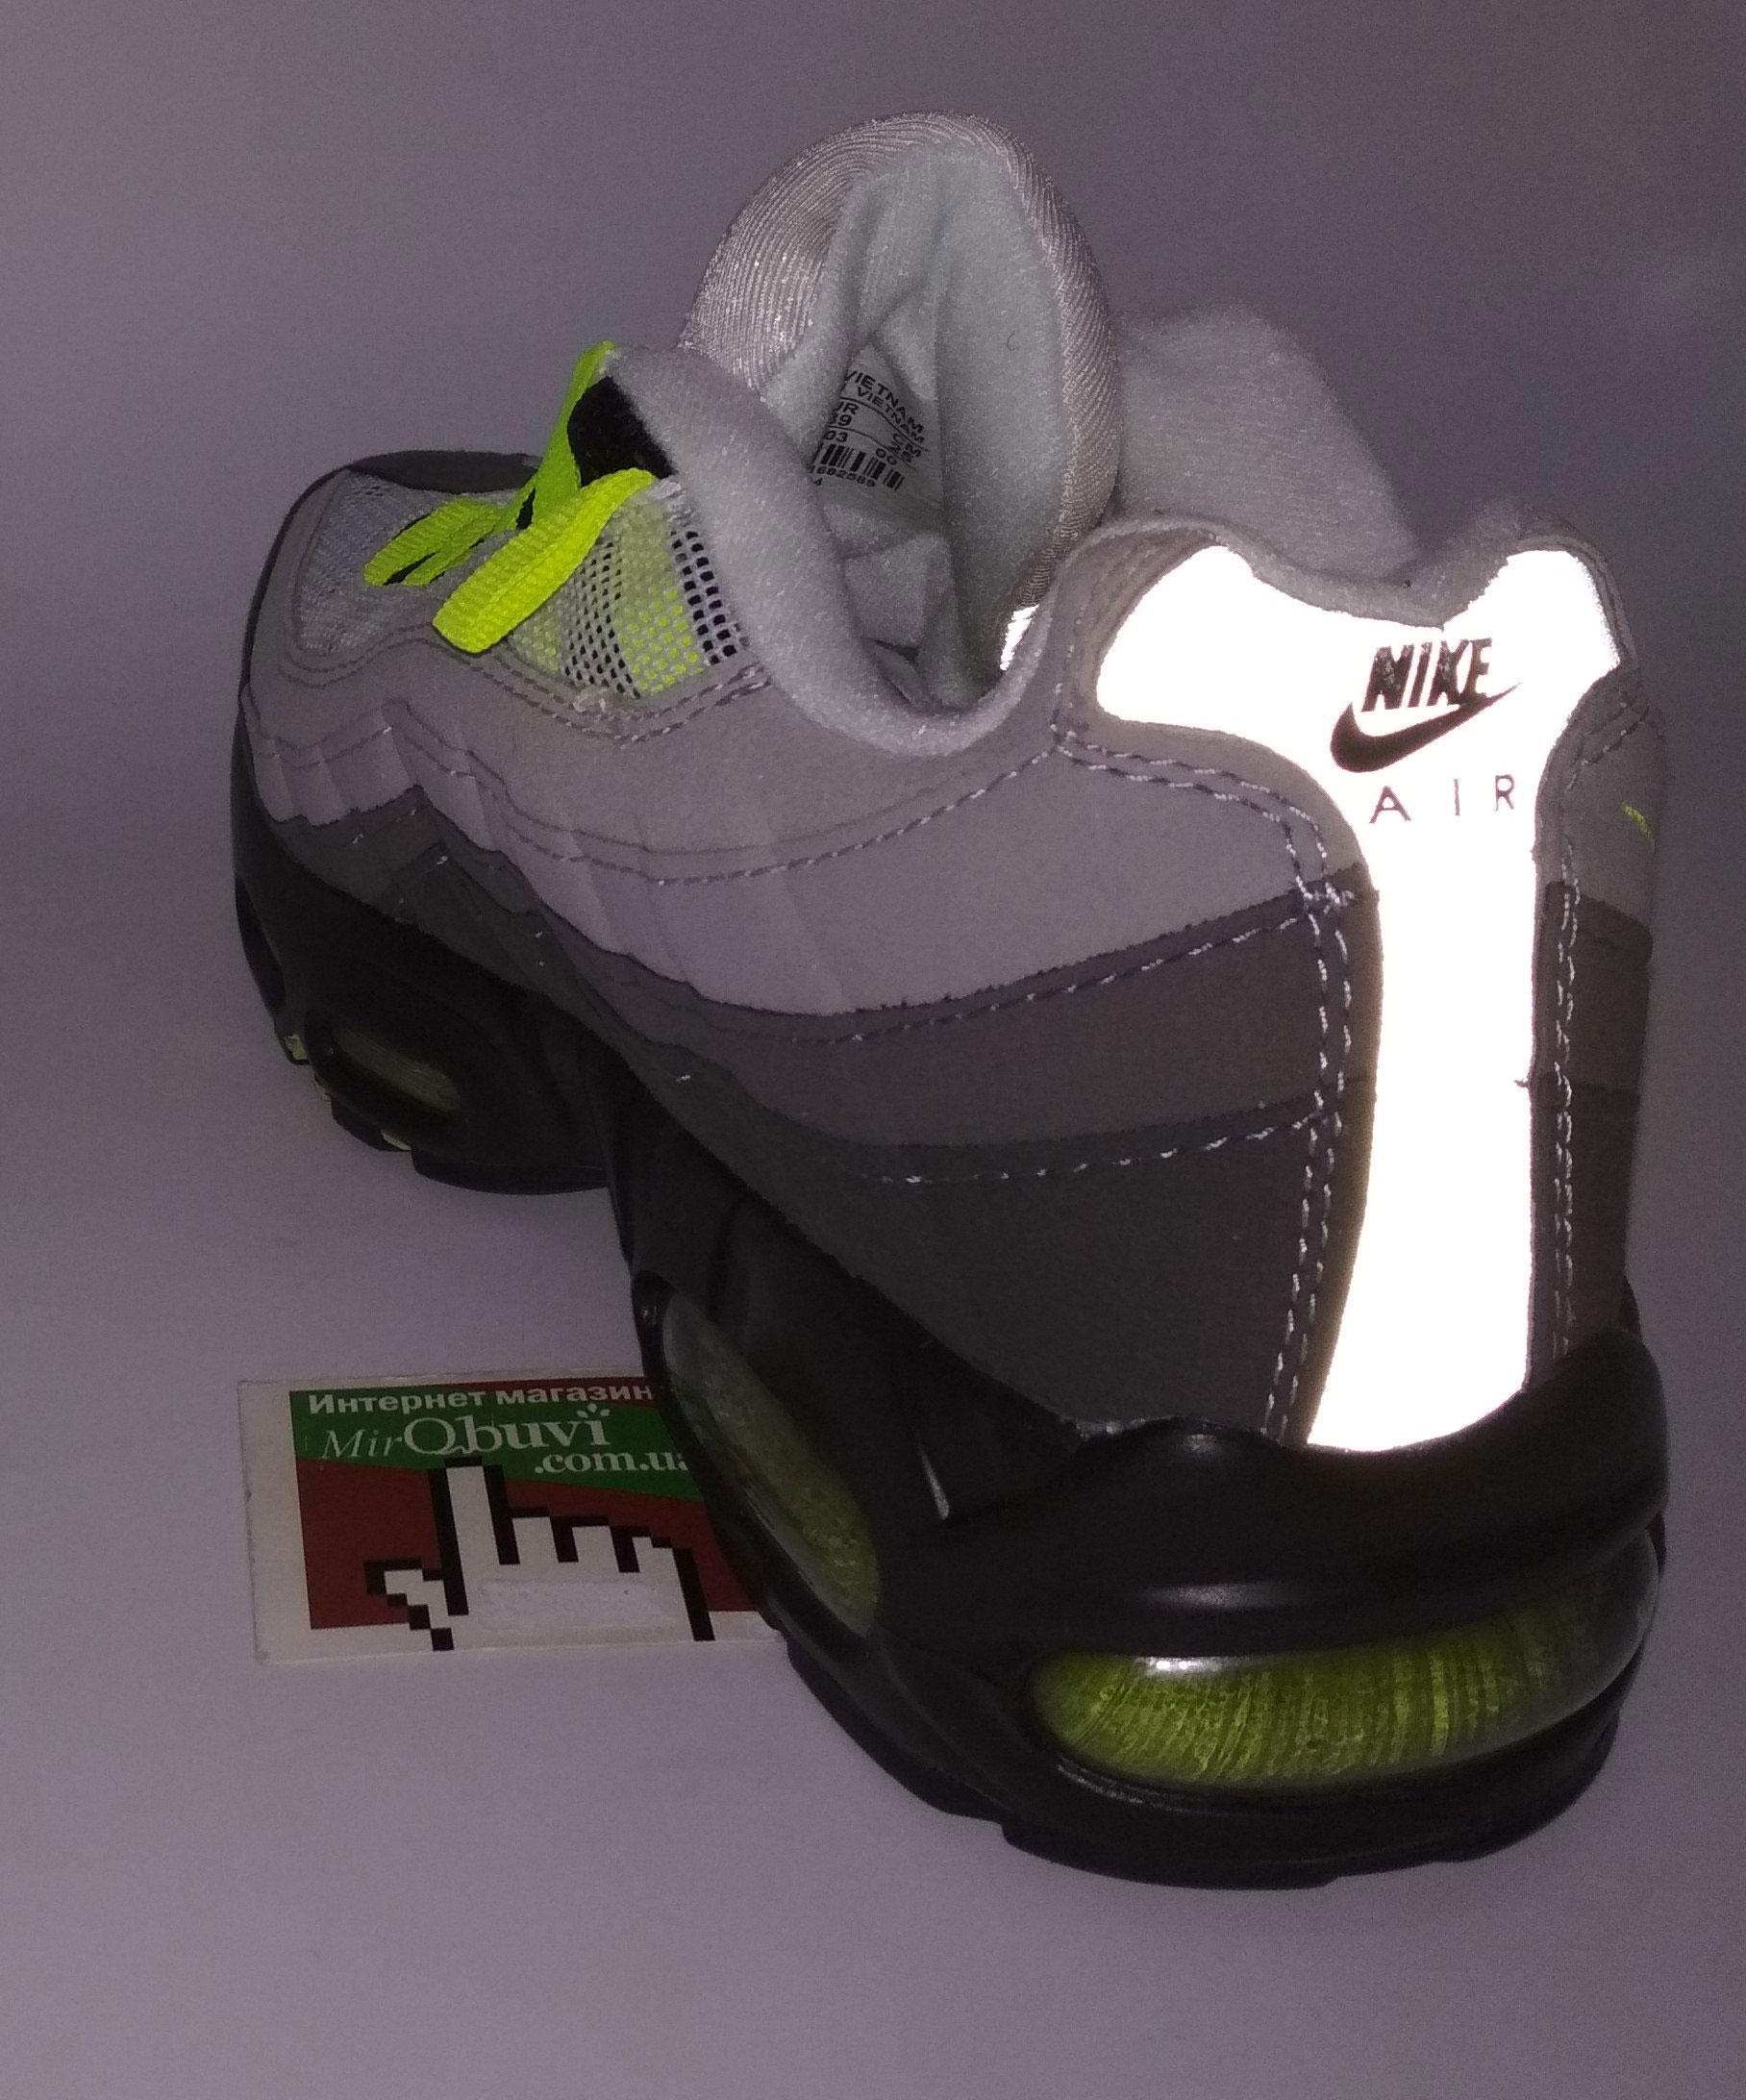 большое фото №6 Кроссовки Nike air max 95 серые с салатовым. ТОП КАЧЕСТВО!!!